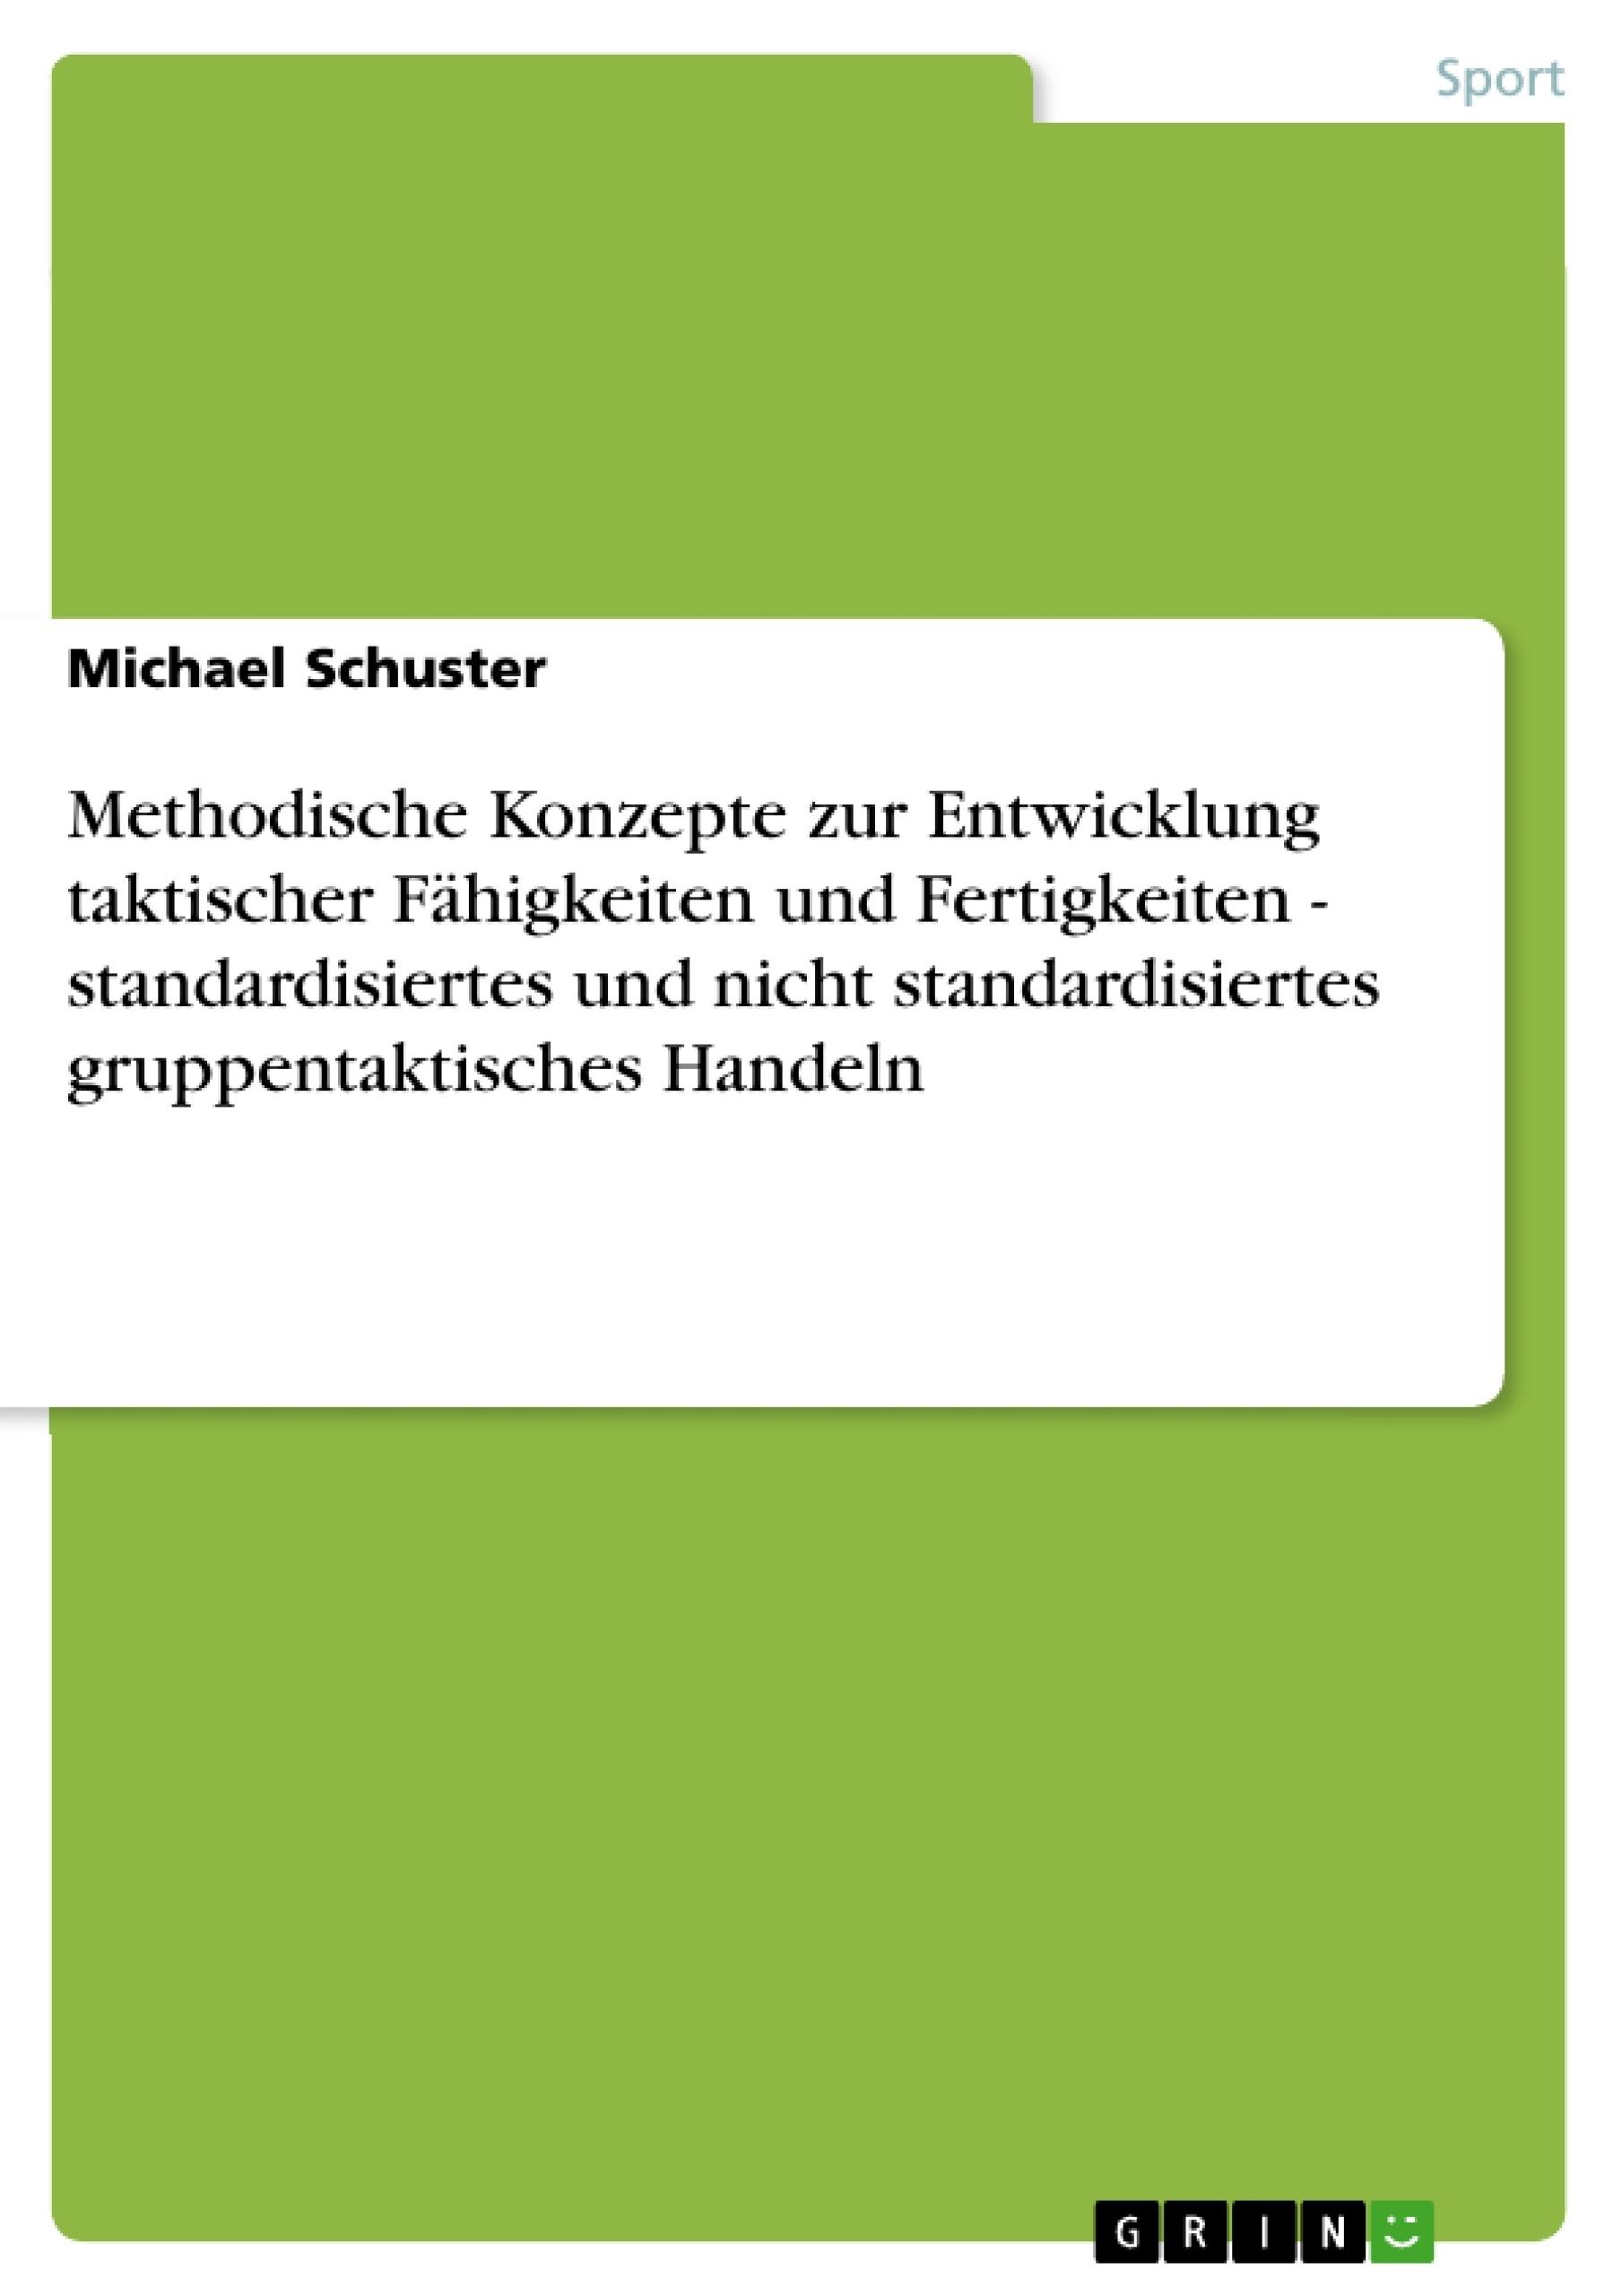 Titel: Methodische Konzepte zur Entwicklung taktischer Fähigkeiten und Fertigkeiten - standardisiertes und nicht standardisiertes gruppentaktisches Handeln